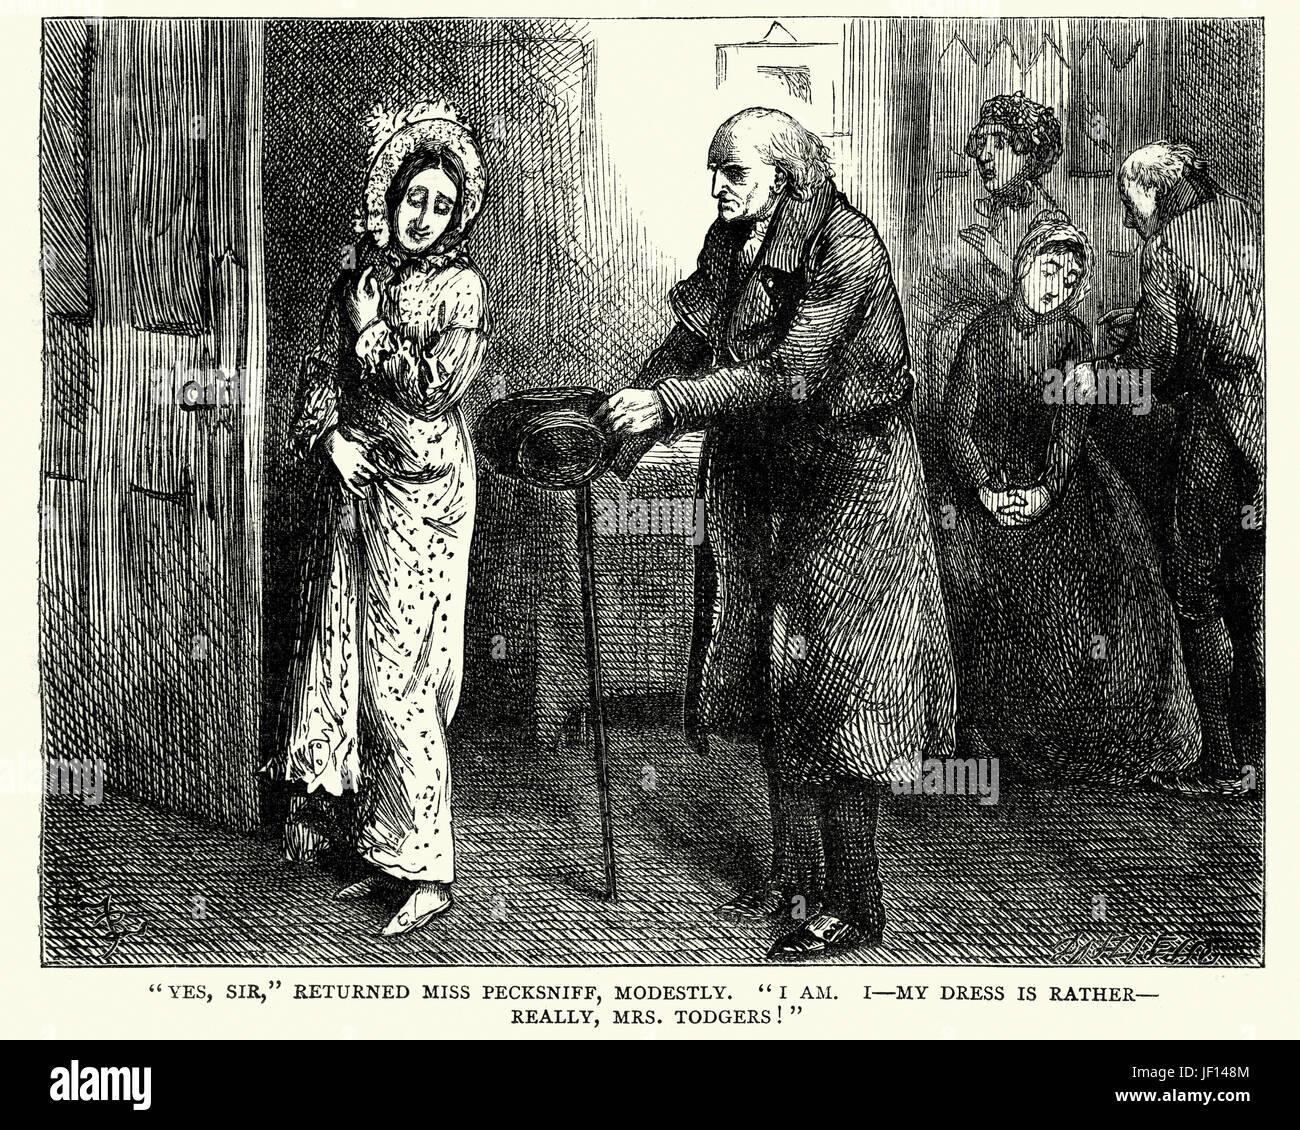 Vintange illustration d'une scène de la roman Martin Chuzzlewit de Charles Dickens. Oui, monsieur, retourné, Photo Stock